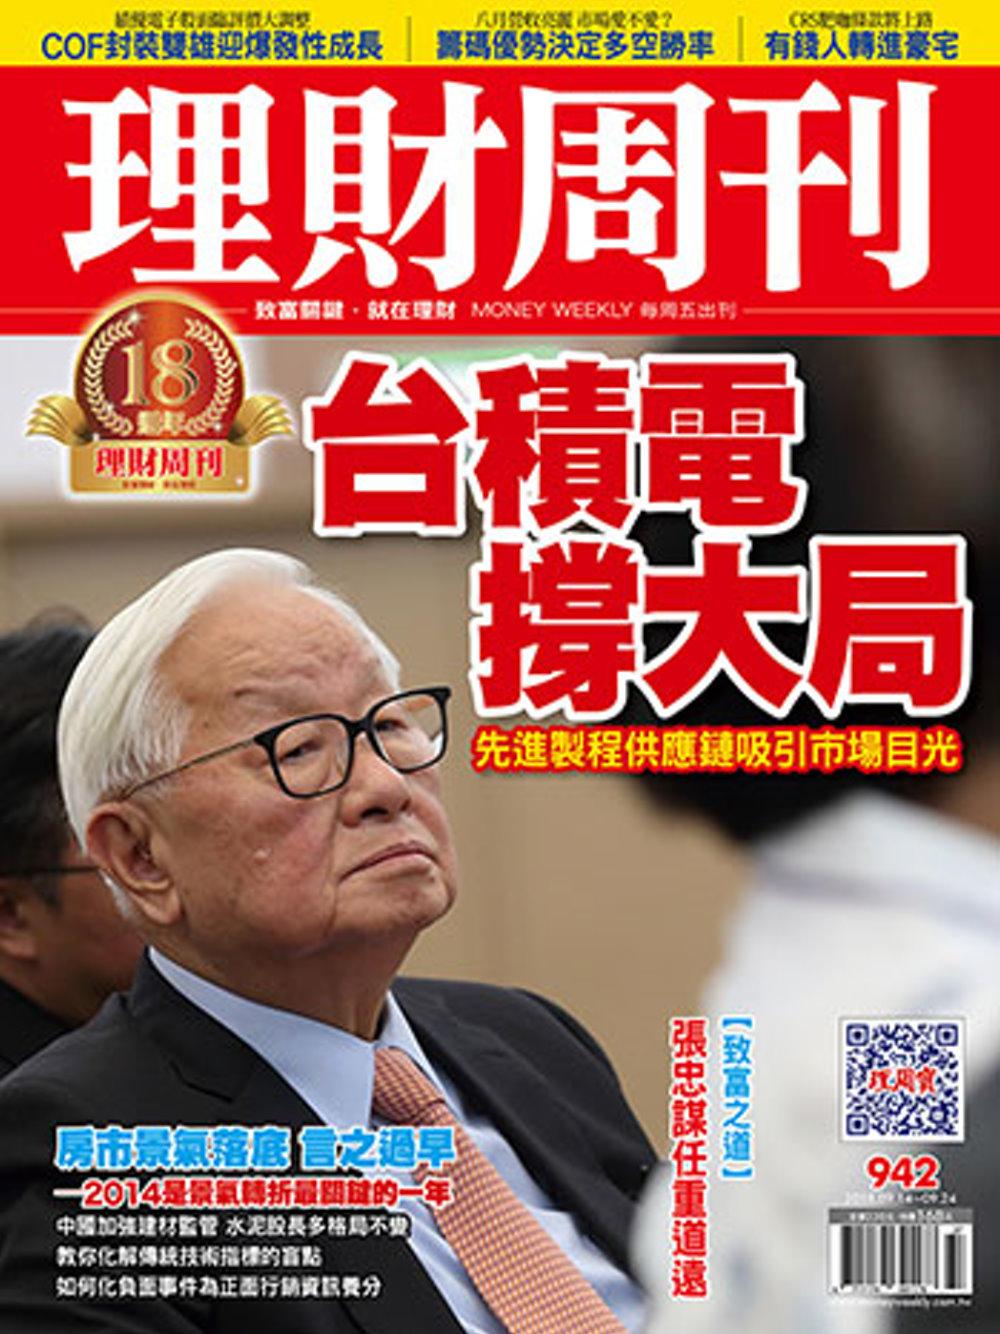 理財周刊 2018/9/14第942期